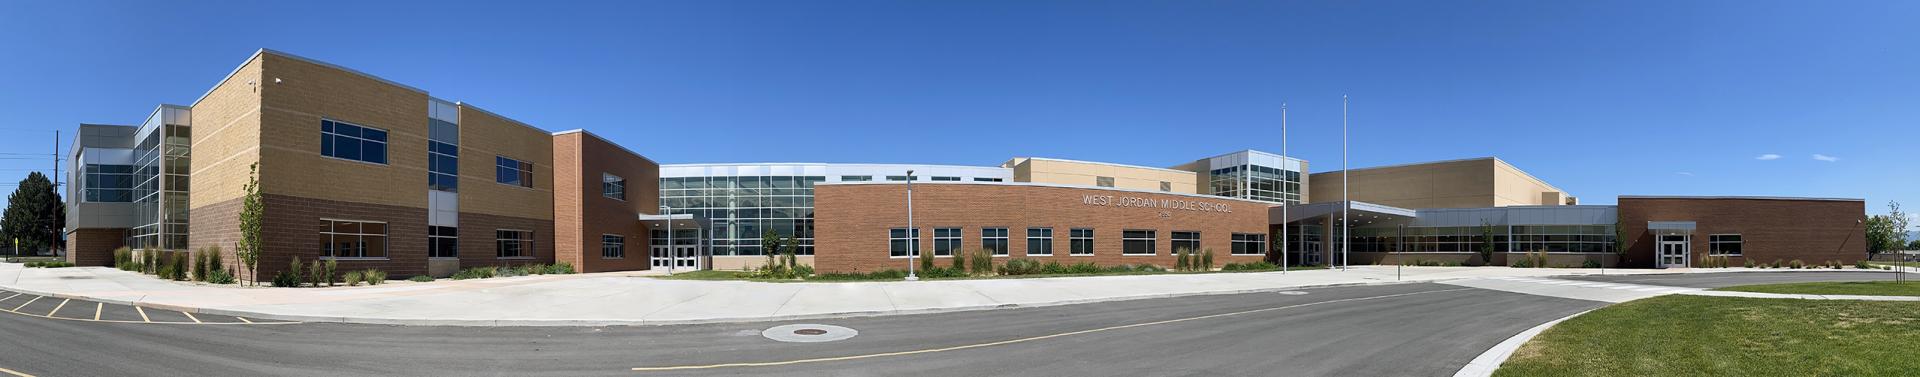 West Jordan Middle School